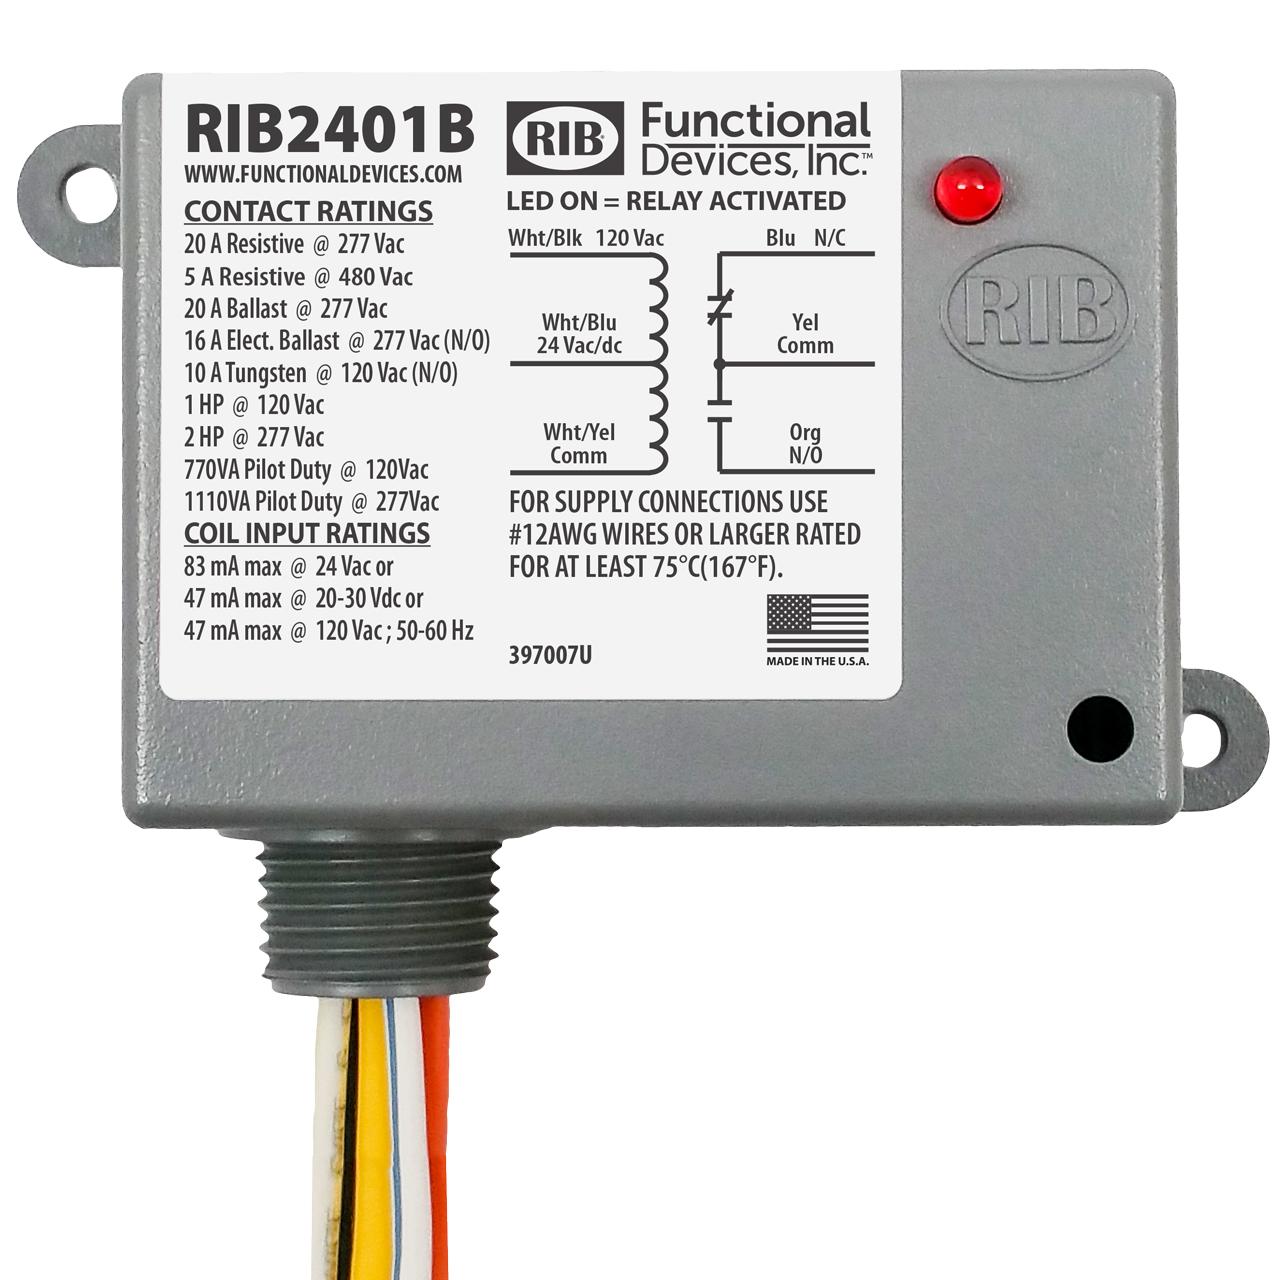 00347338 rib relays ribu2c wiring diagram at et-consult.org